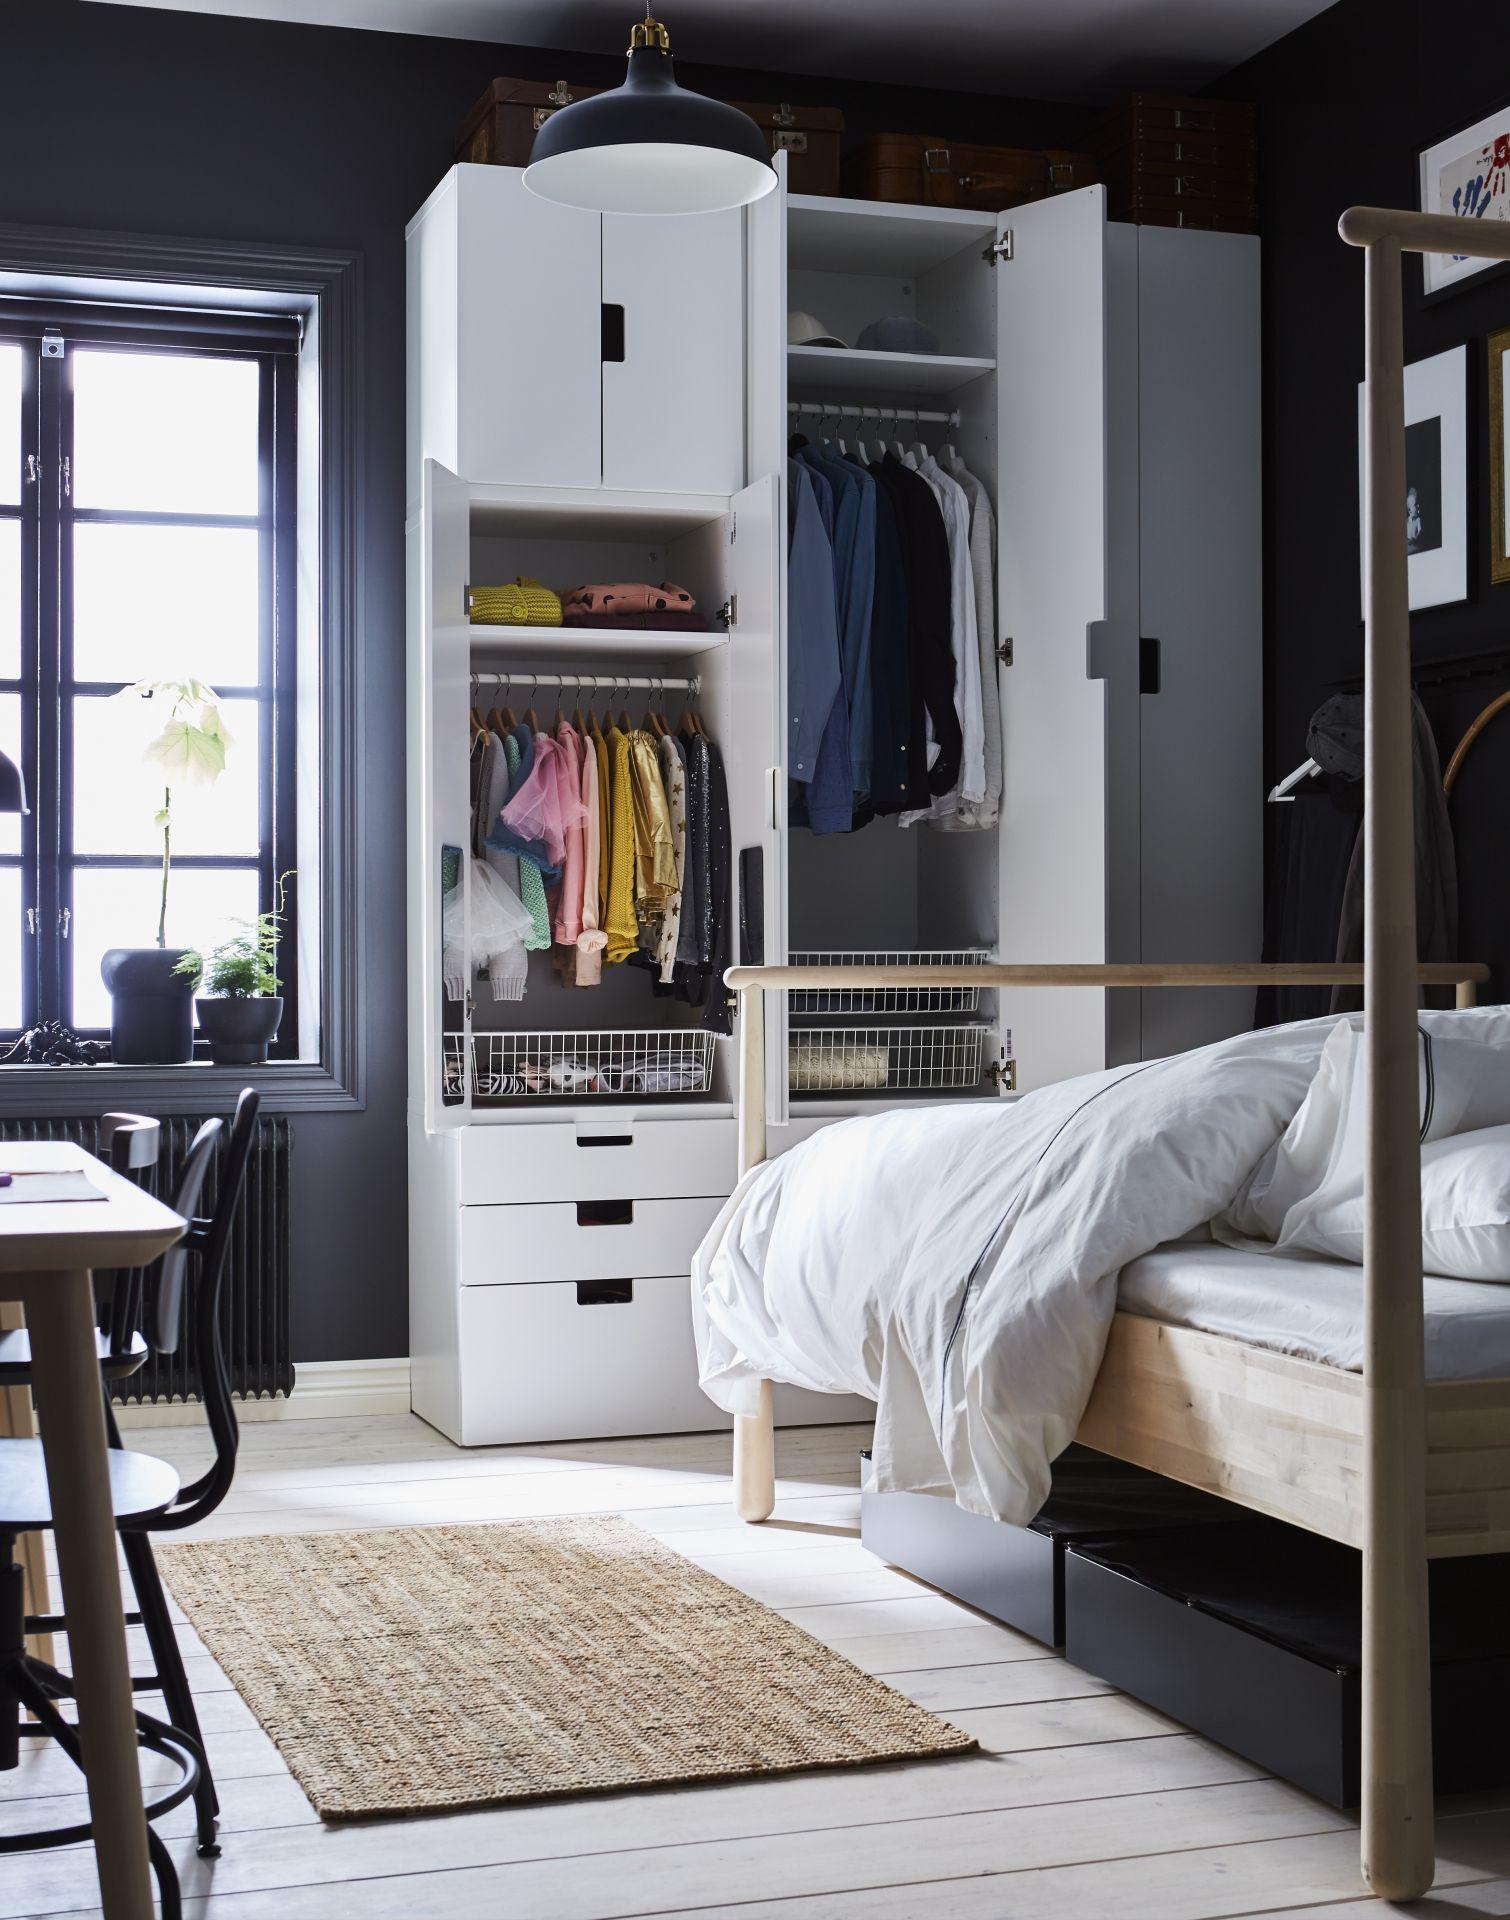 Gj Ra Bedframe - Ikea Ikeanl Ikeanederland Bed Slaapkamer Slapen